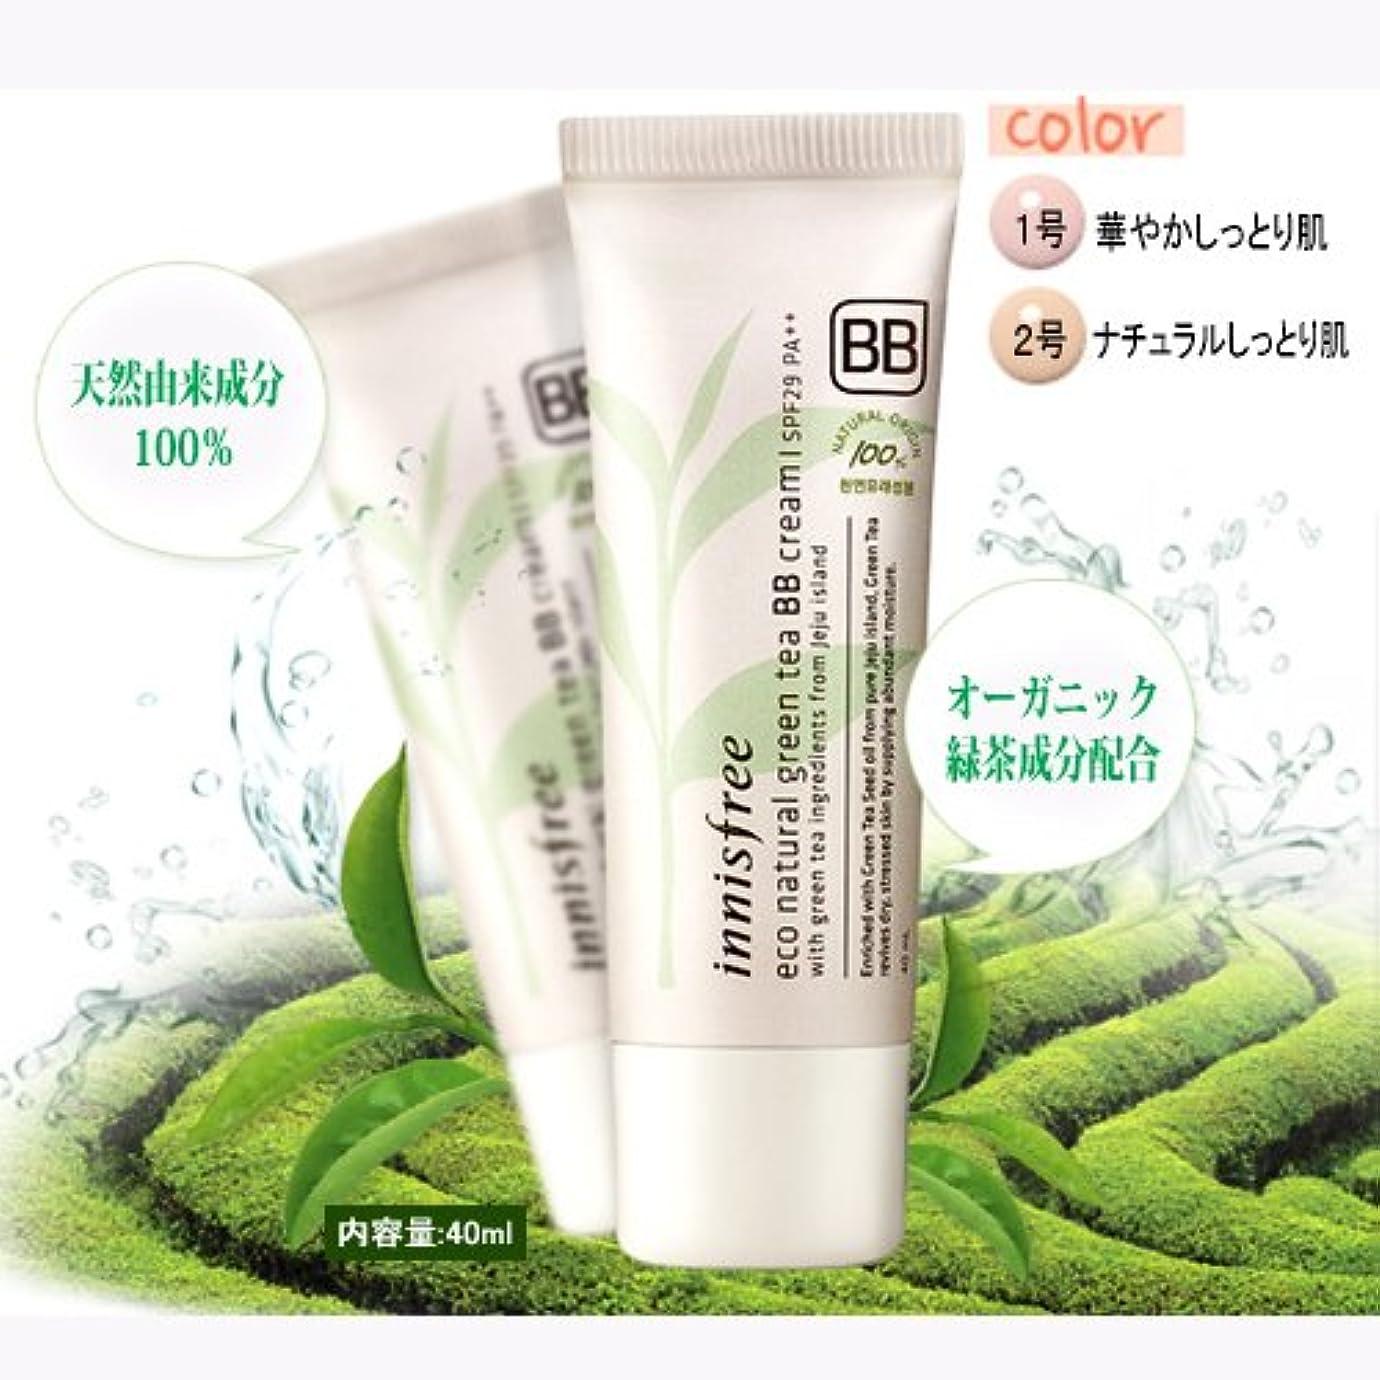 プレゼングレー倍率innisfree/イニスフリー Eco Natural Green Tea BB Cream #02/エコナチュラルグリーンティーBBクリームナチュラルなしっとりお肌 SPF29PA++40ml